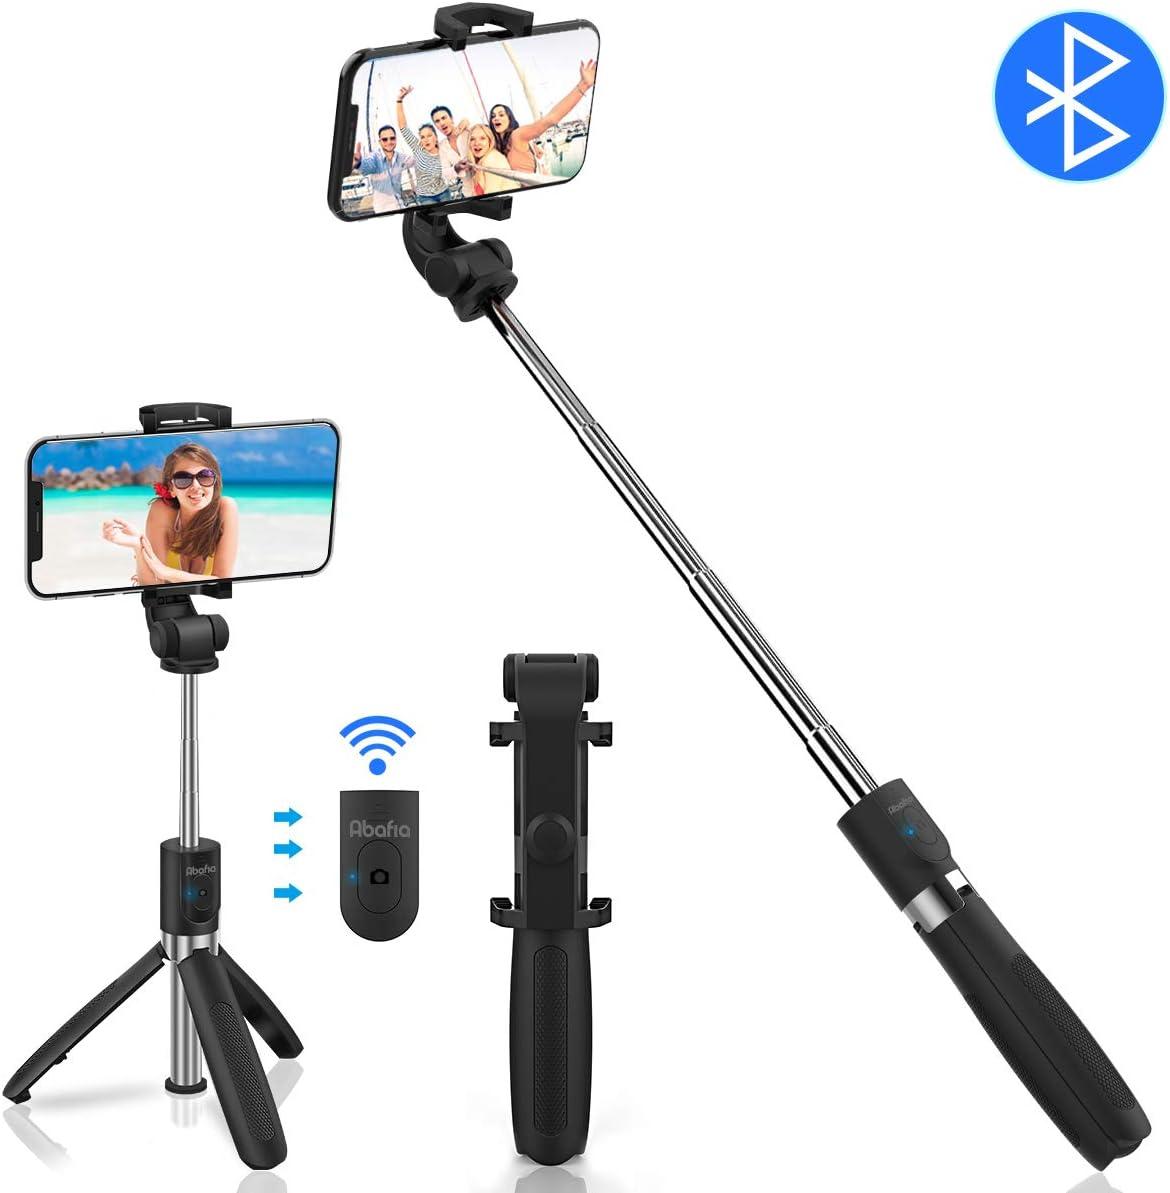 """Abafia Bluetooth Palo Selfie, Selfie Stick Extensible Palo Selfie Trípode con Control Remoto 3 en 1 Monopie con Obturador Rotación de 360 Grados para iPhone/Samsung Galaxy/Huawei/Xiaomi (3.5""""- 6.0"""")"""